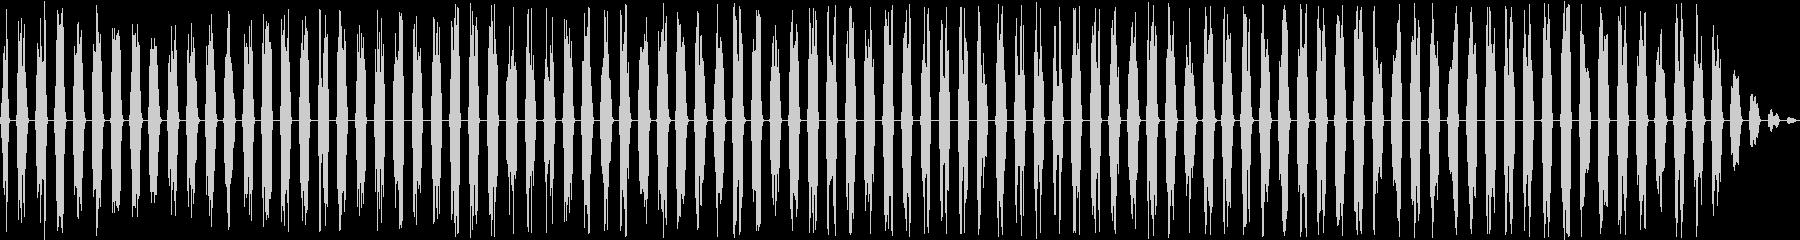 フランジングスワイプ2、パンニング...の未再生の波形